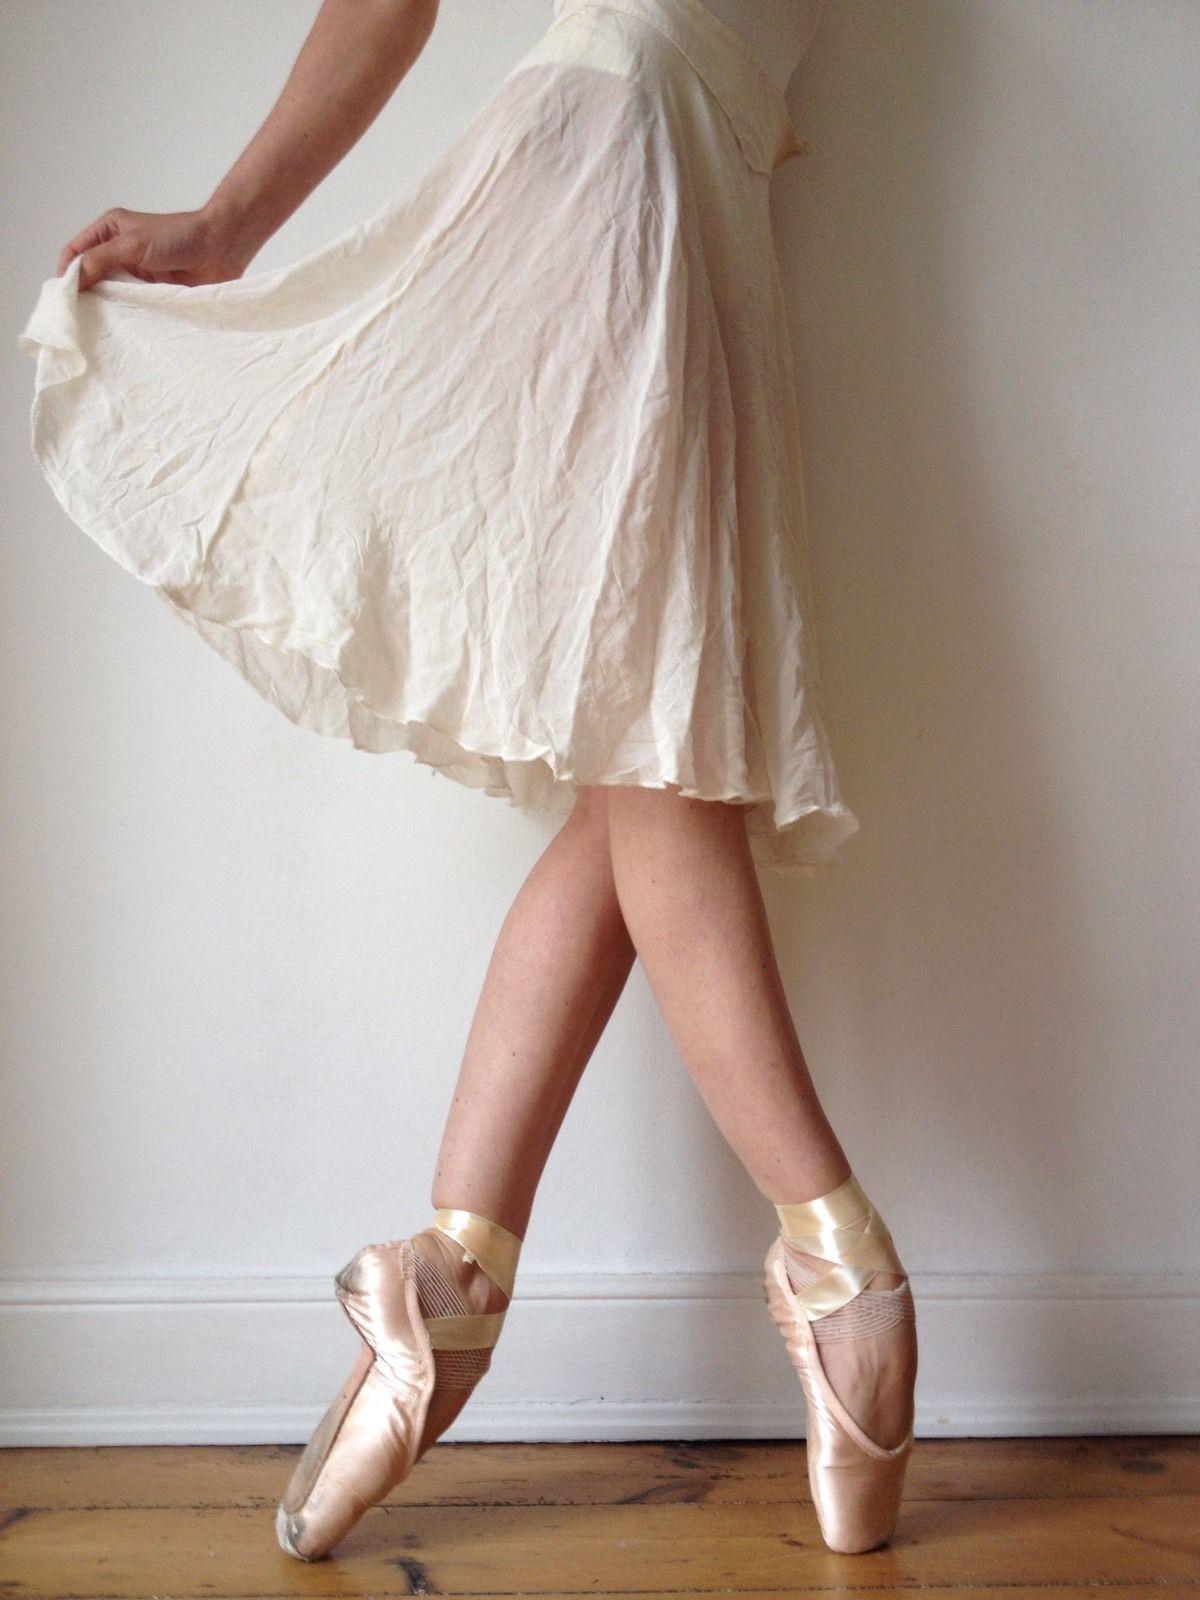 the best attitude 2fdcd 21b65 Ballett Ballet Point Shoes Spitzenschuhe Defekt Np 70 Eur in ...